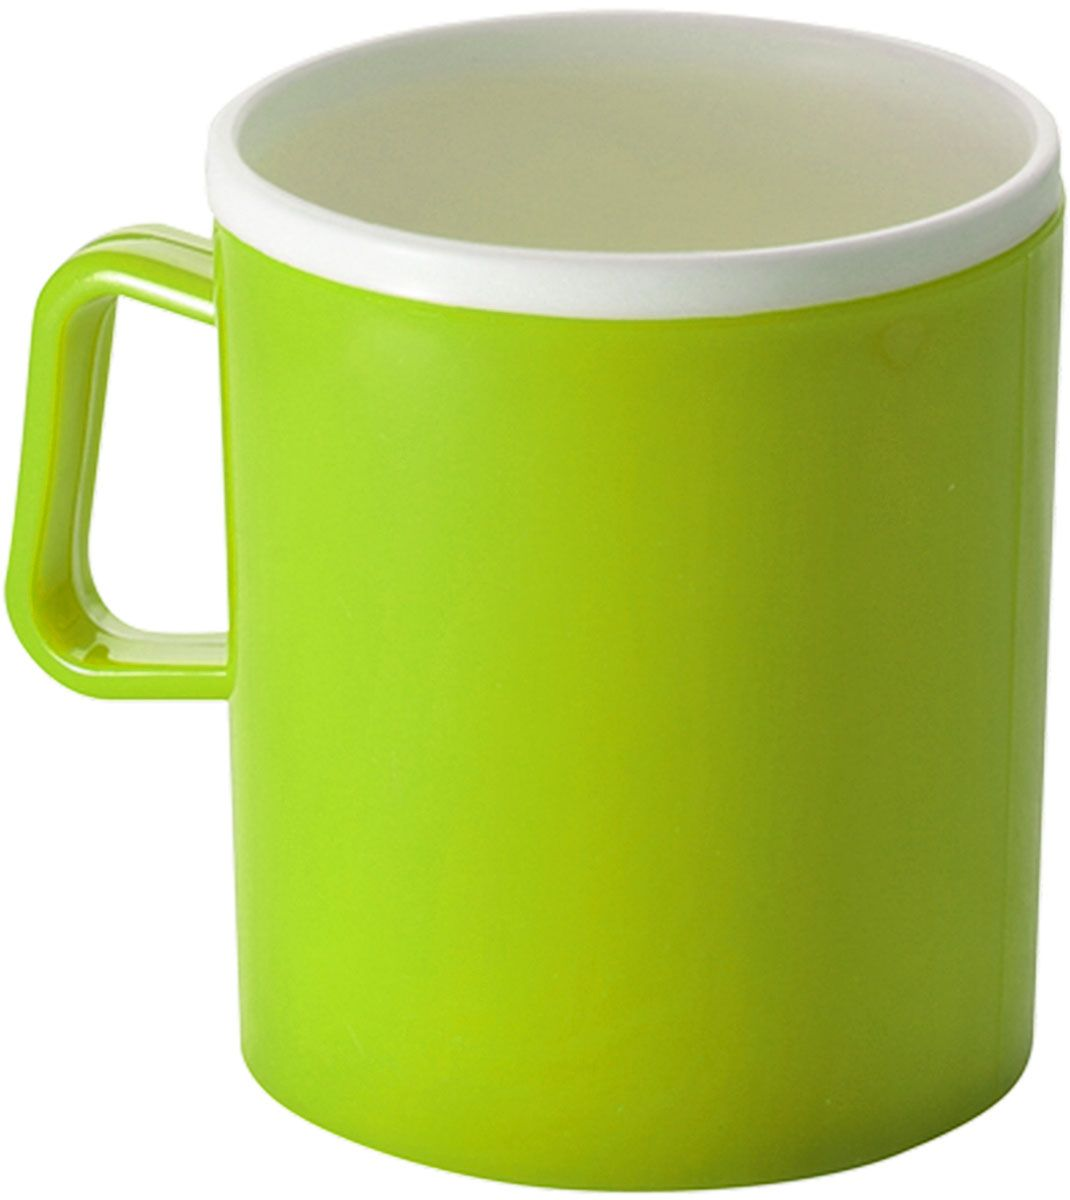 Термокружка Plastic Centre, двойная, цвет: светло-зеленый, 350 мл115510Термокружка Plastic Centre с двойными стенками предназначена для горячих напитков и прекрасно сохраняет их температуру. Прочный пластик подходит для многократного использования. Легкую кружку удобно взять с собой на природу или в поездку. Можно мыть в посудомоечной машине.Объем кружки: 350 мл.Высота кружки: 10 см.